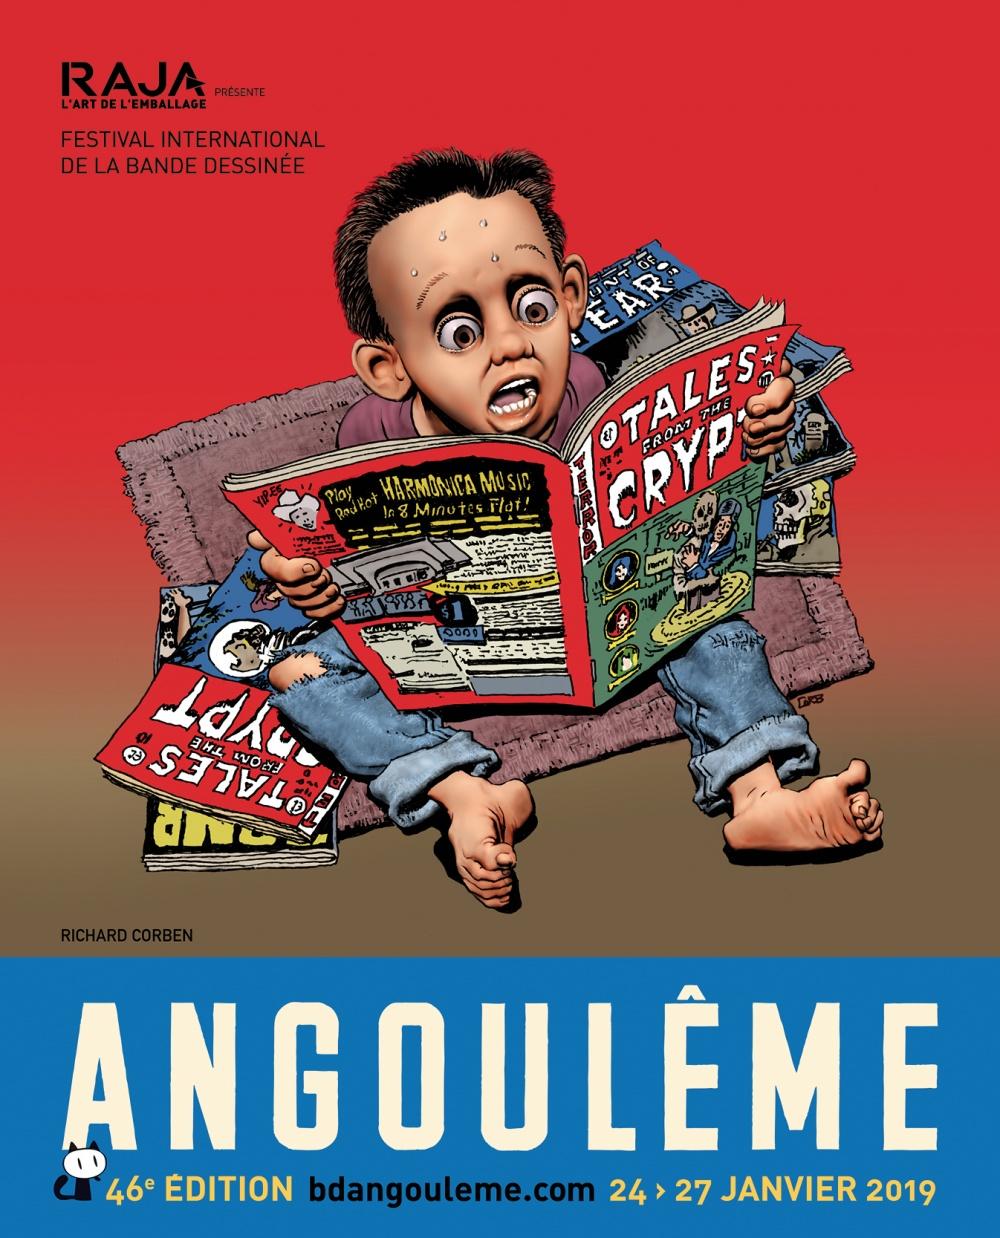 Festival International de la Bande Dessinée d'Angoulême 2019 - Affiche de Richard Corben